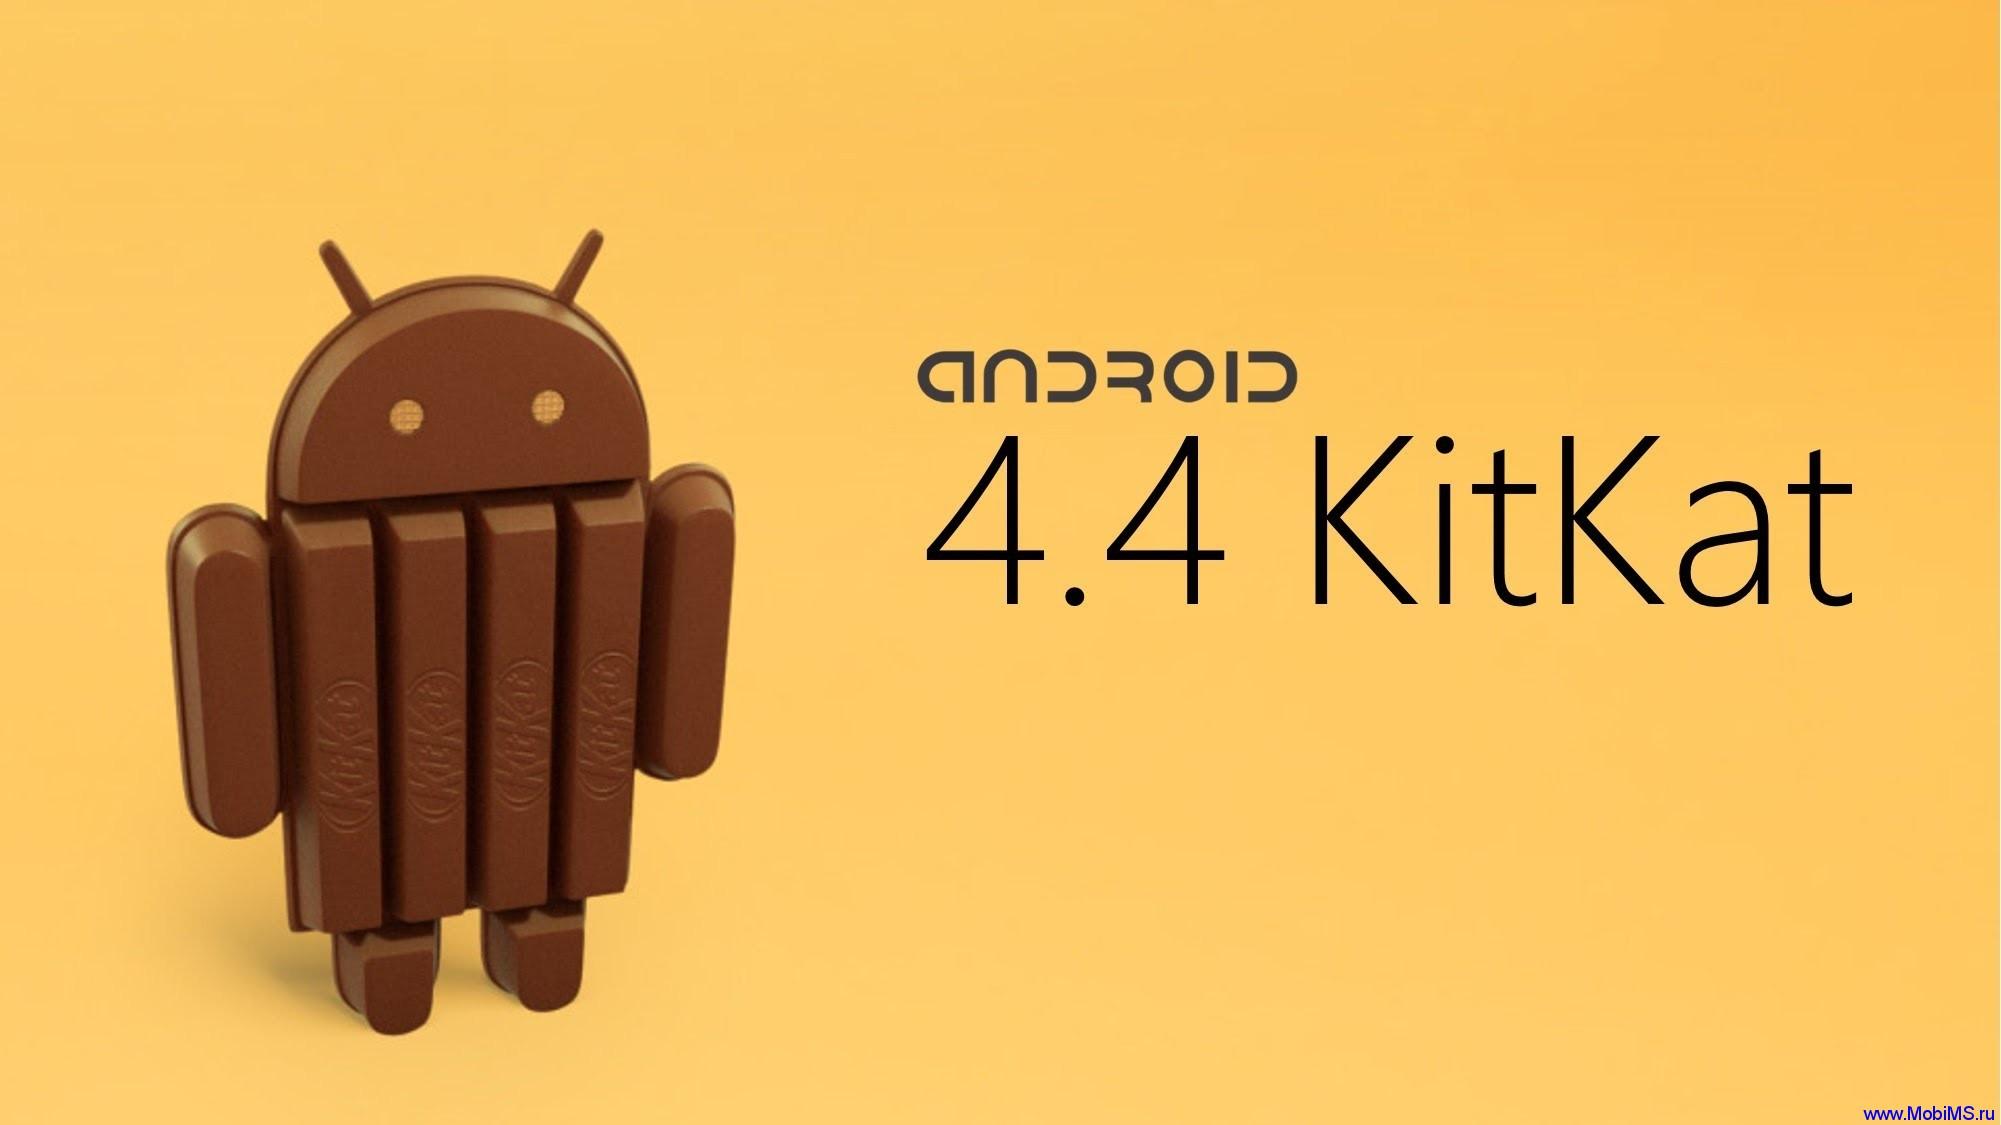 Восстановление NEXUS 7 (2012) после неудачного обновления до Android 4.4 KitKat по воздуху + прошивка CyanogenMod 10.1.3.